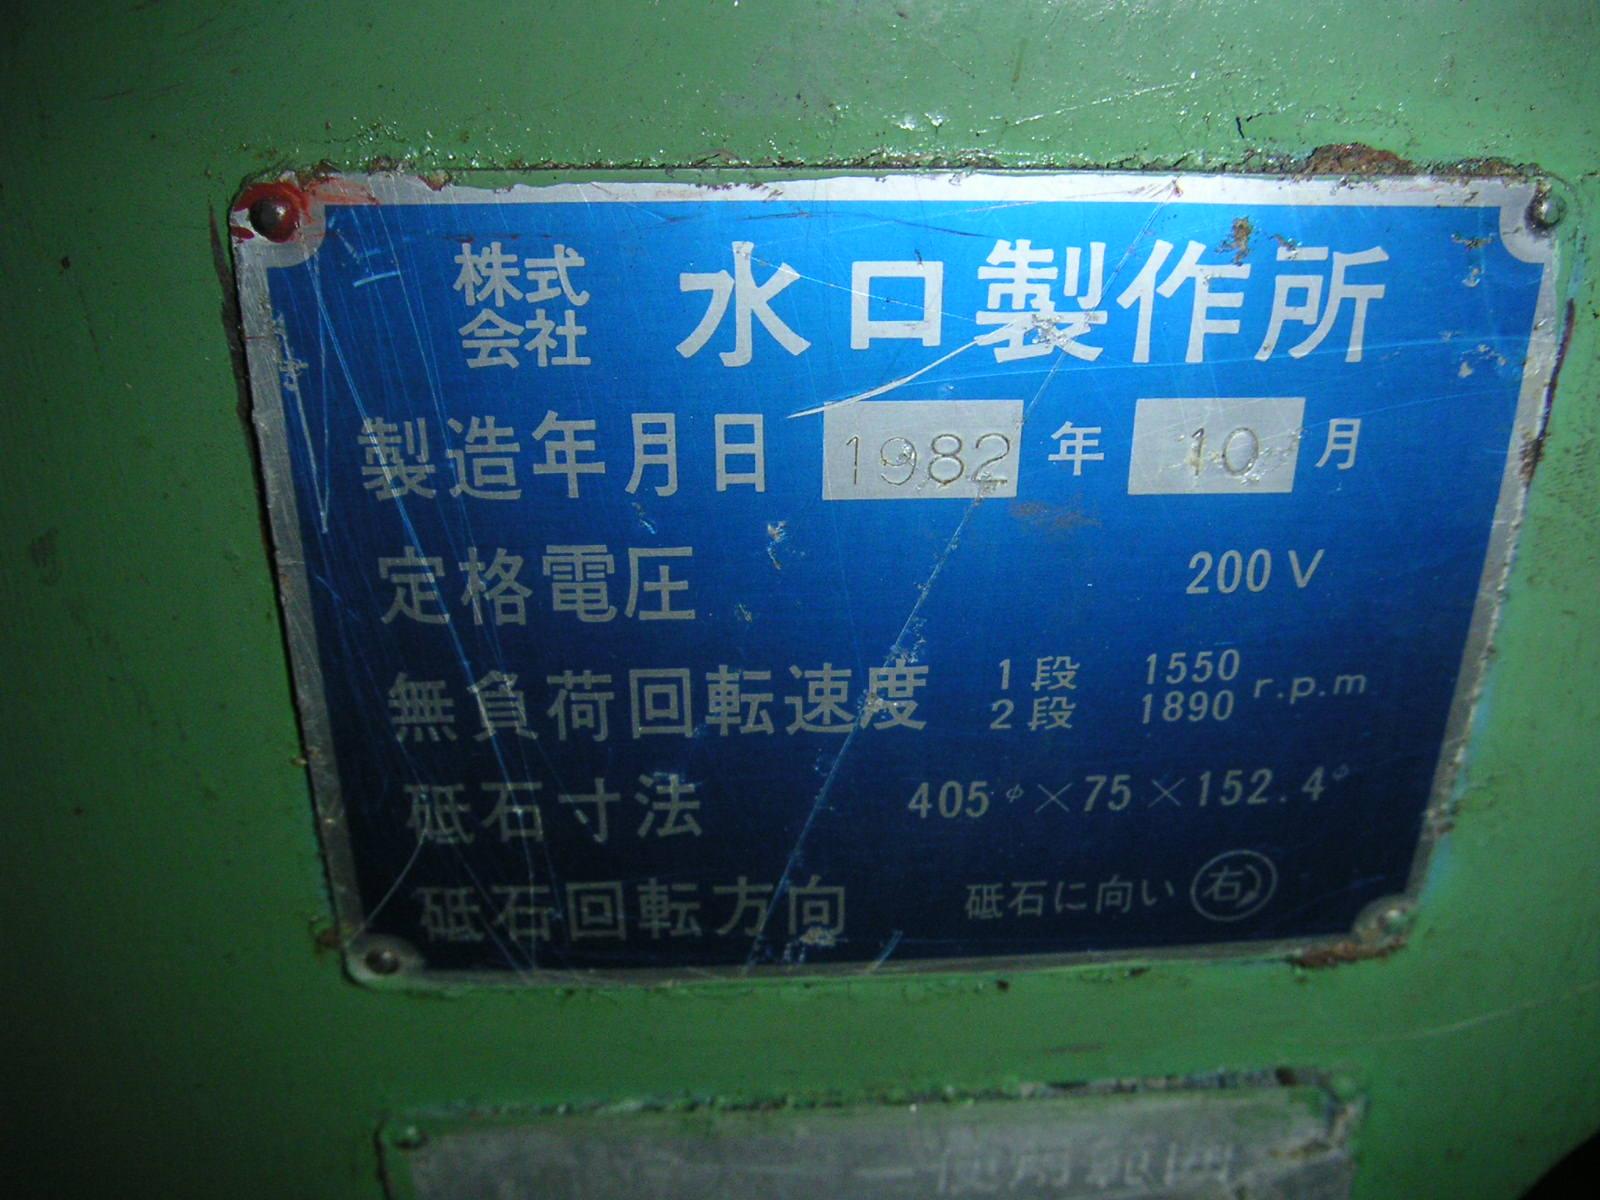 Minakuchi   水口製作所 NC-650